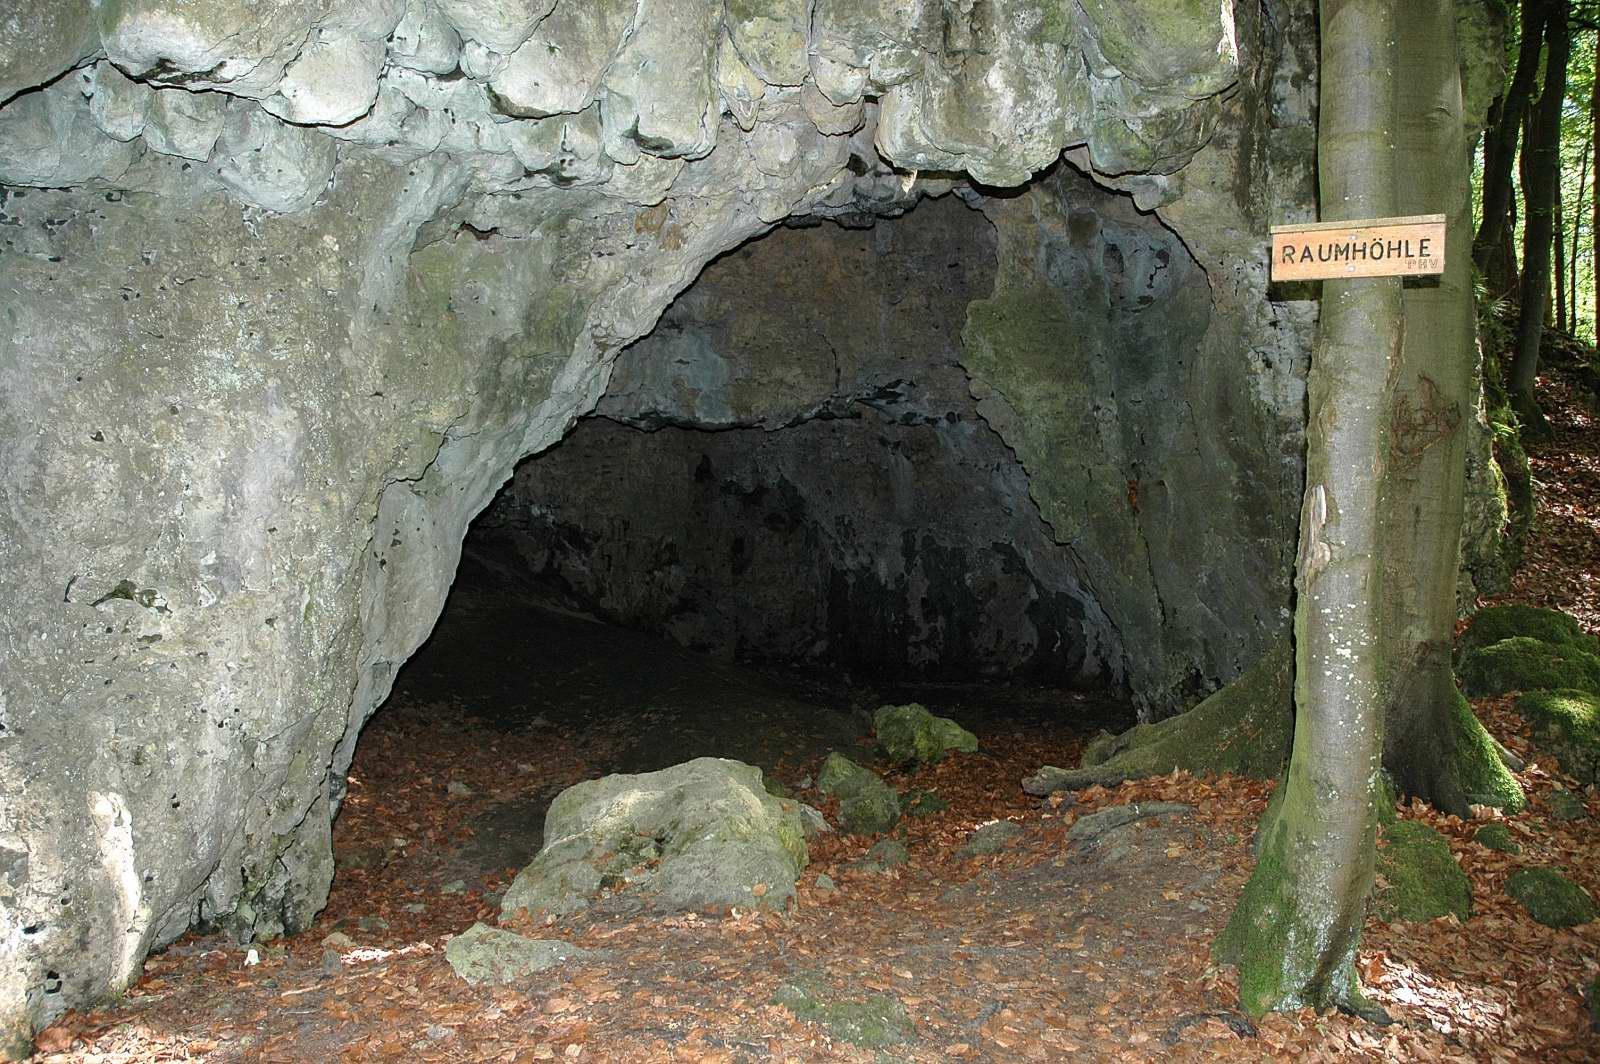 Naturpark Fränkische Schweiz - Veldensteiner Forst > Welcome